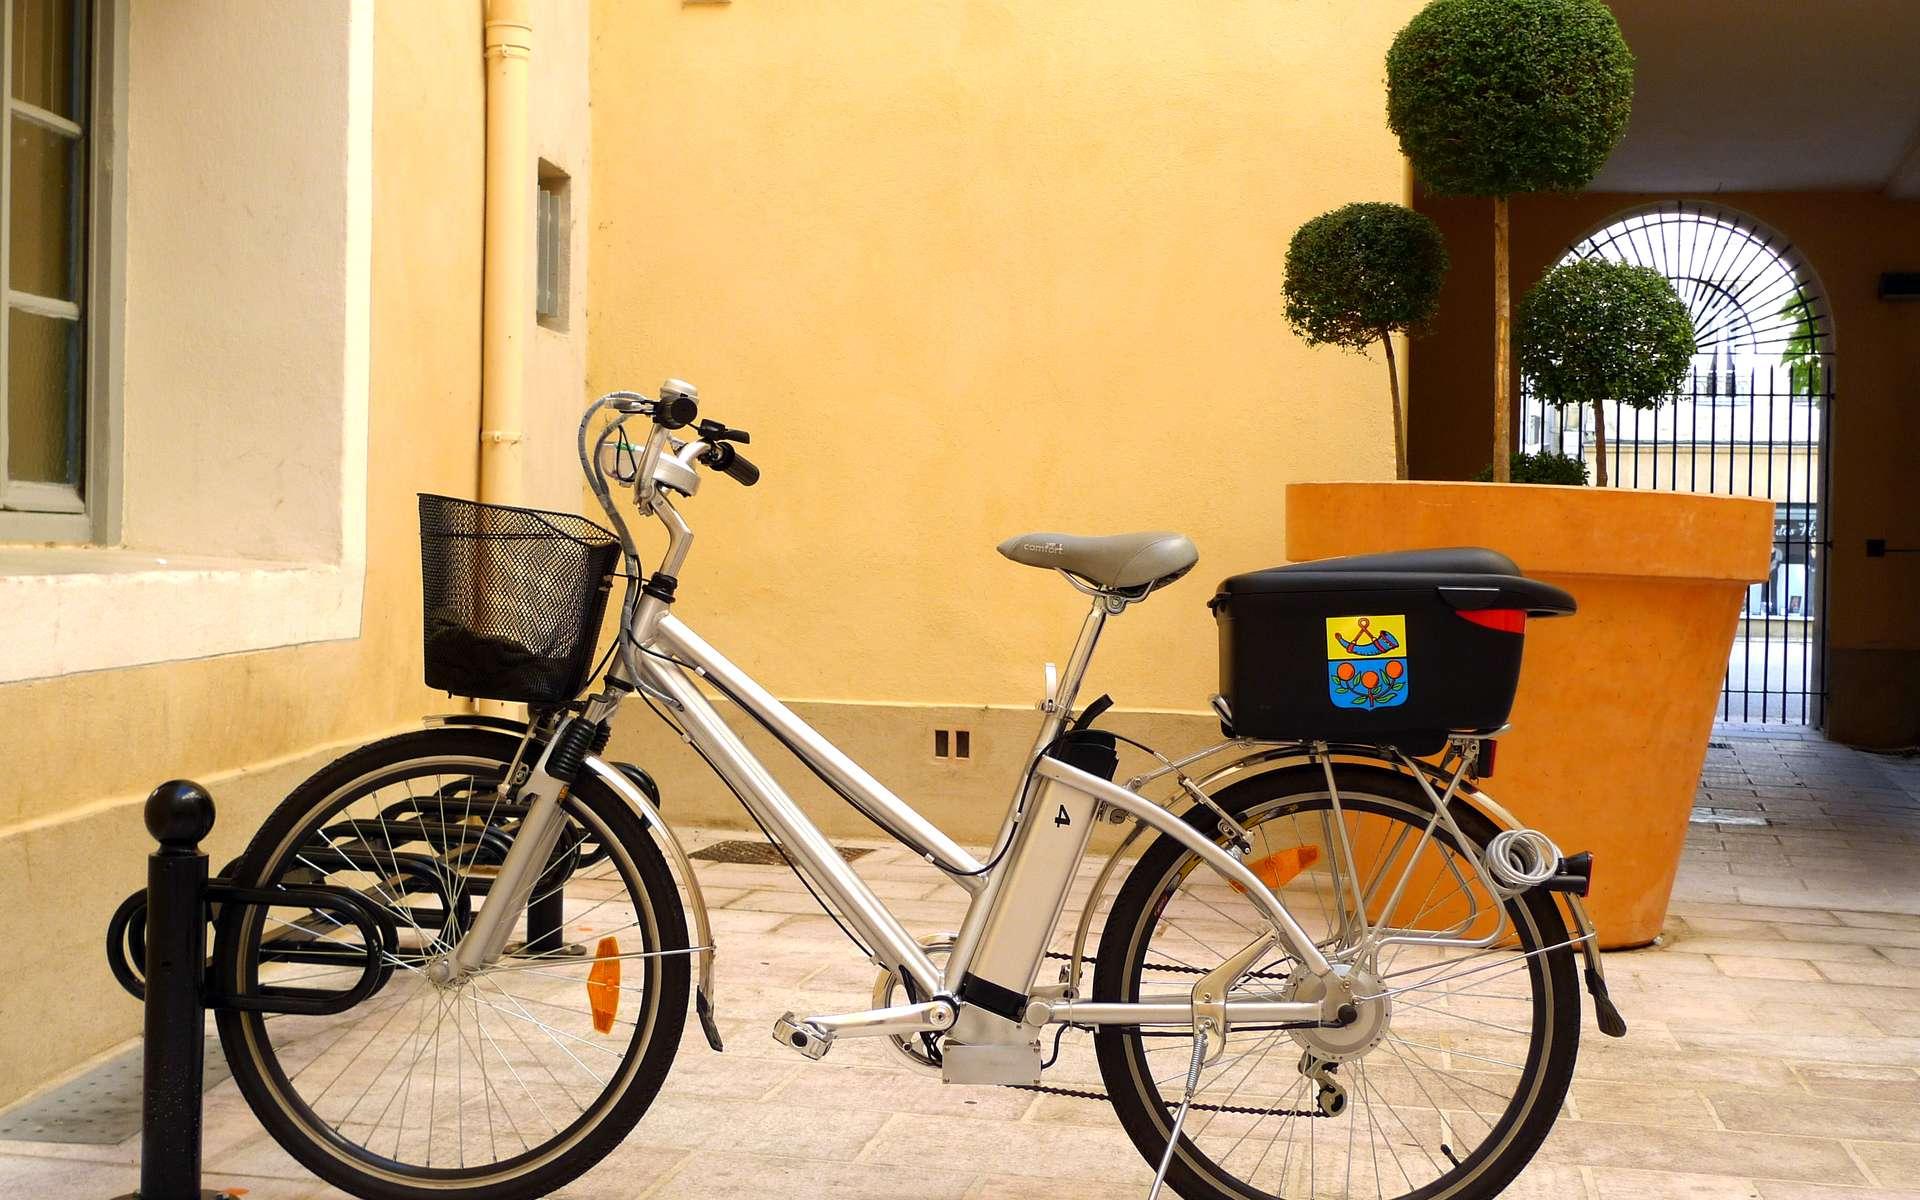 Prix, système de transmission, autonomie, batterie : comment choisir un vélo électrique ? © Jean-Louis Zimmermann, Flickr, CC by 2.0